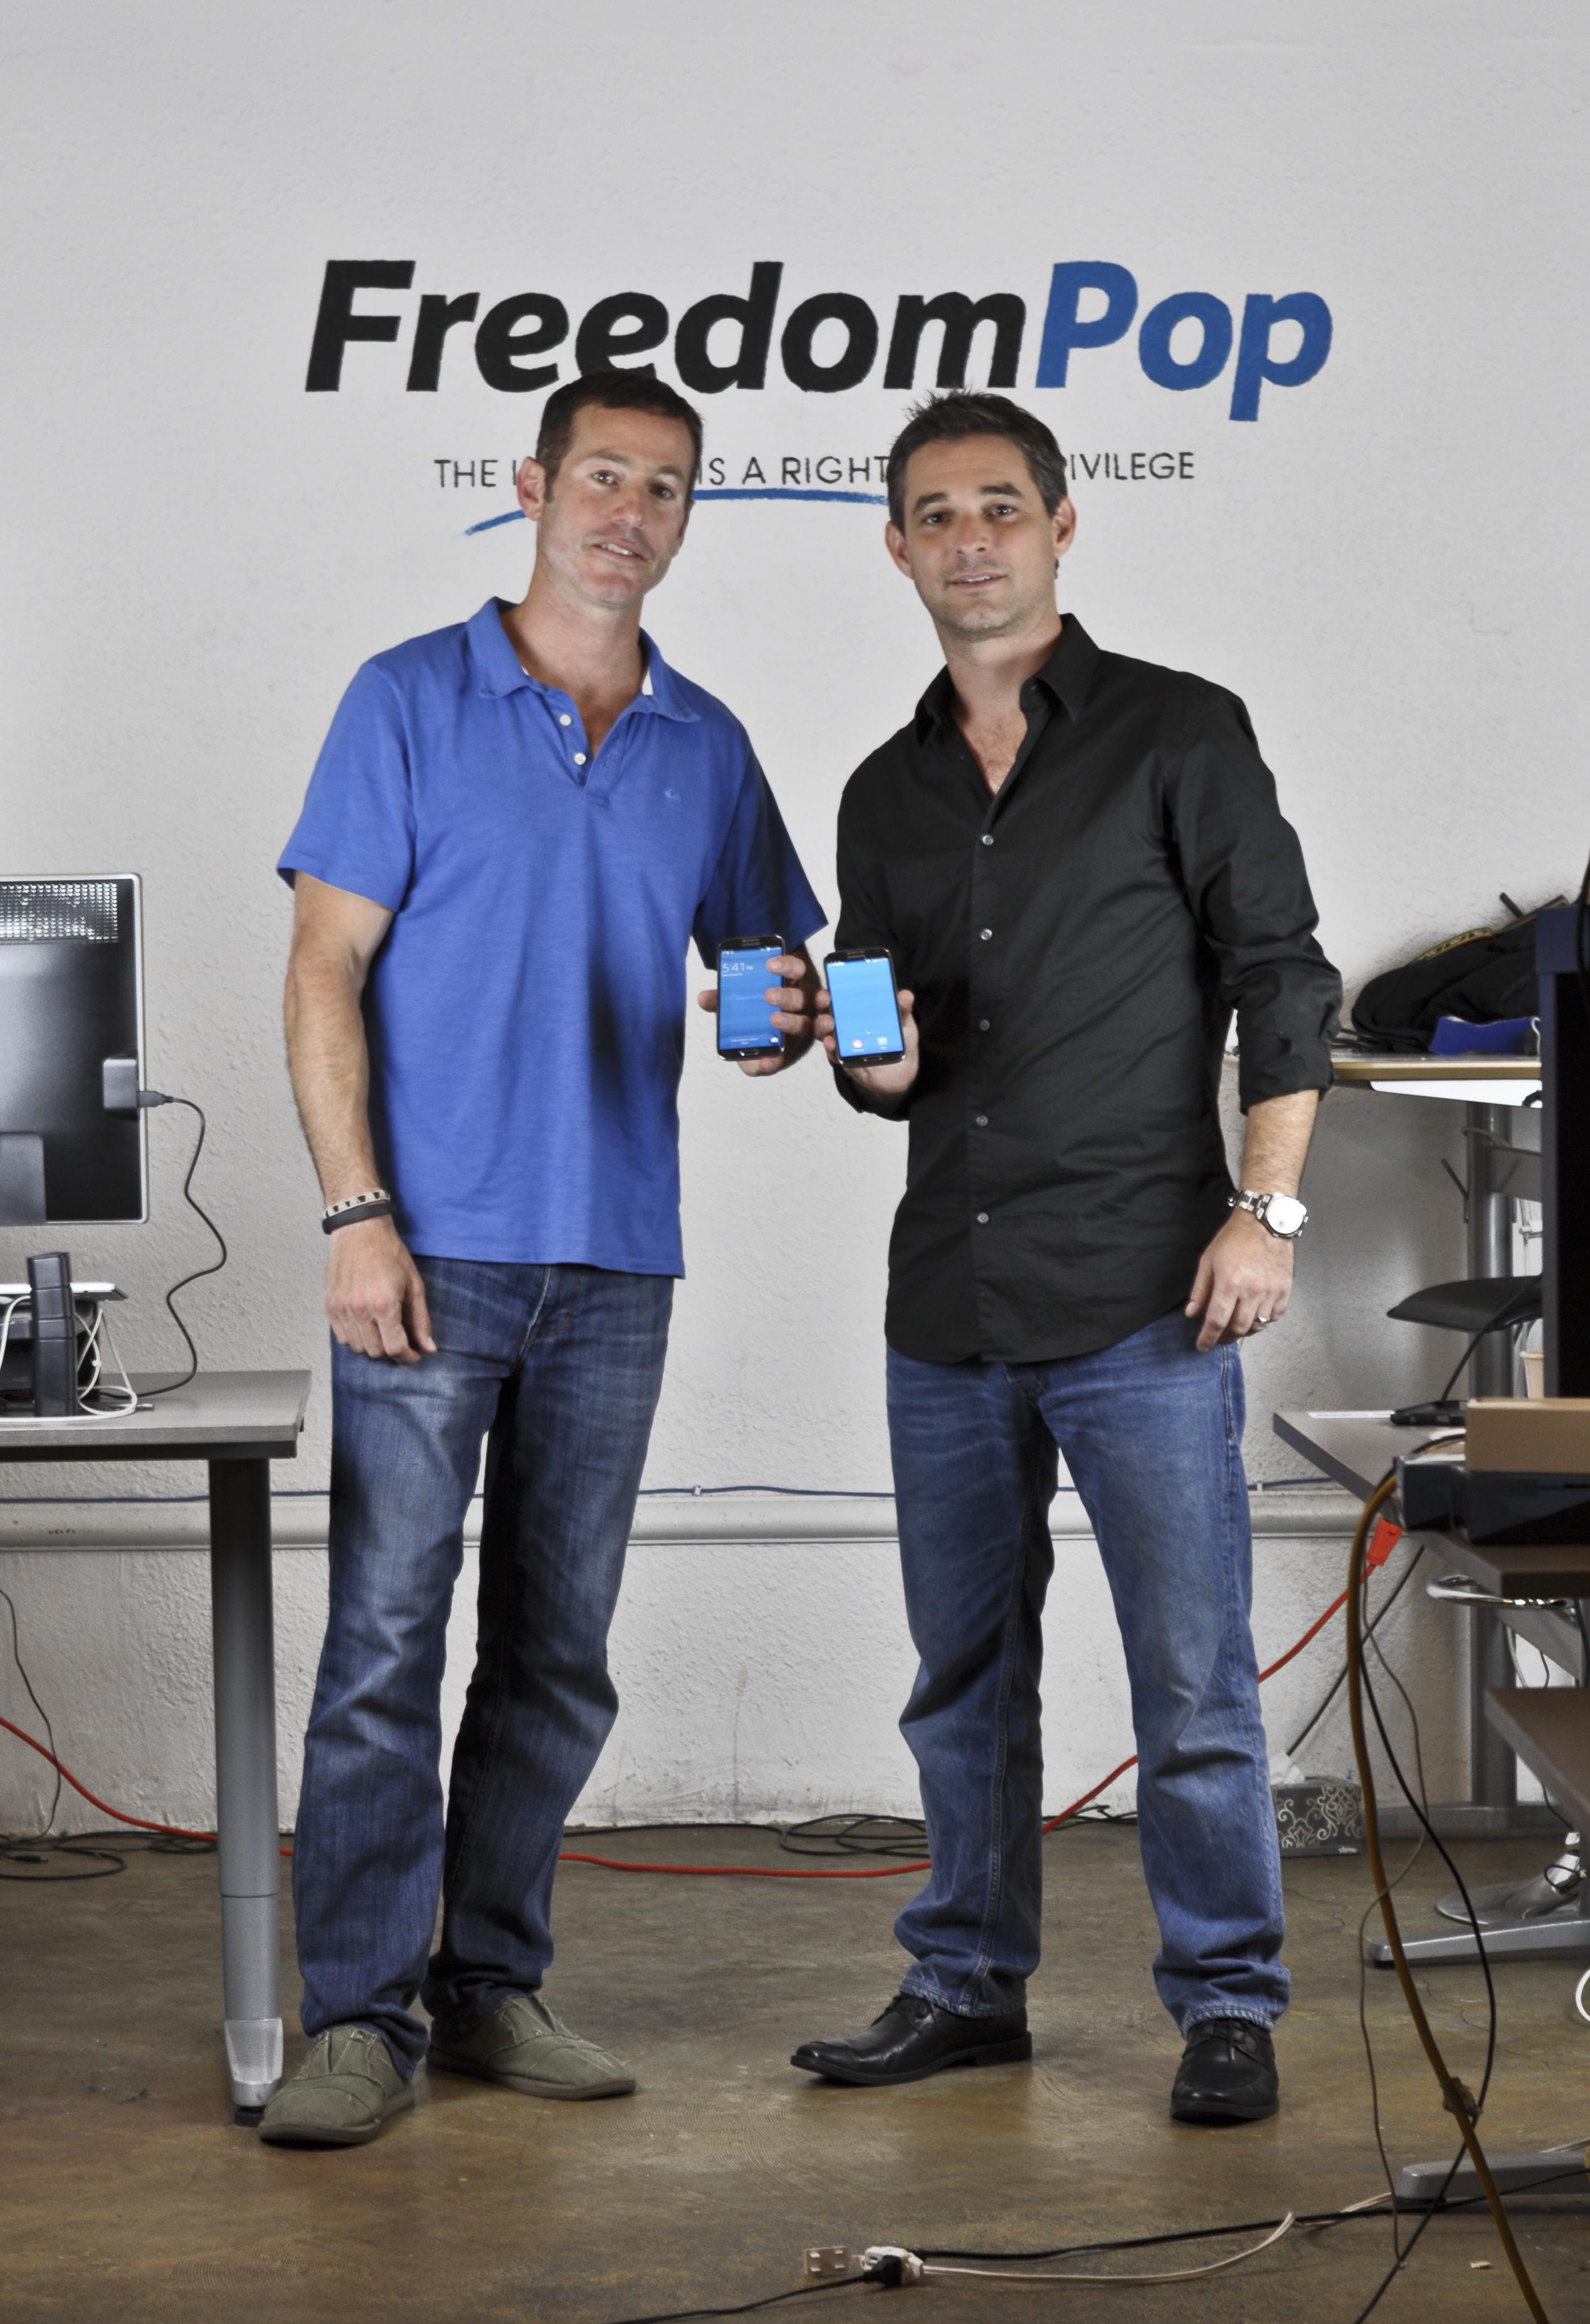 FreedomPop founders Stephen Stokols (L) and Steven Sesar.